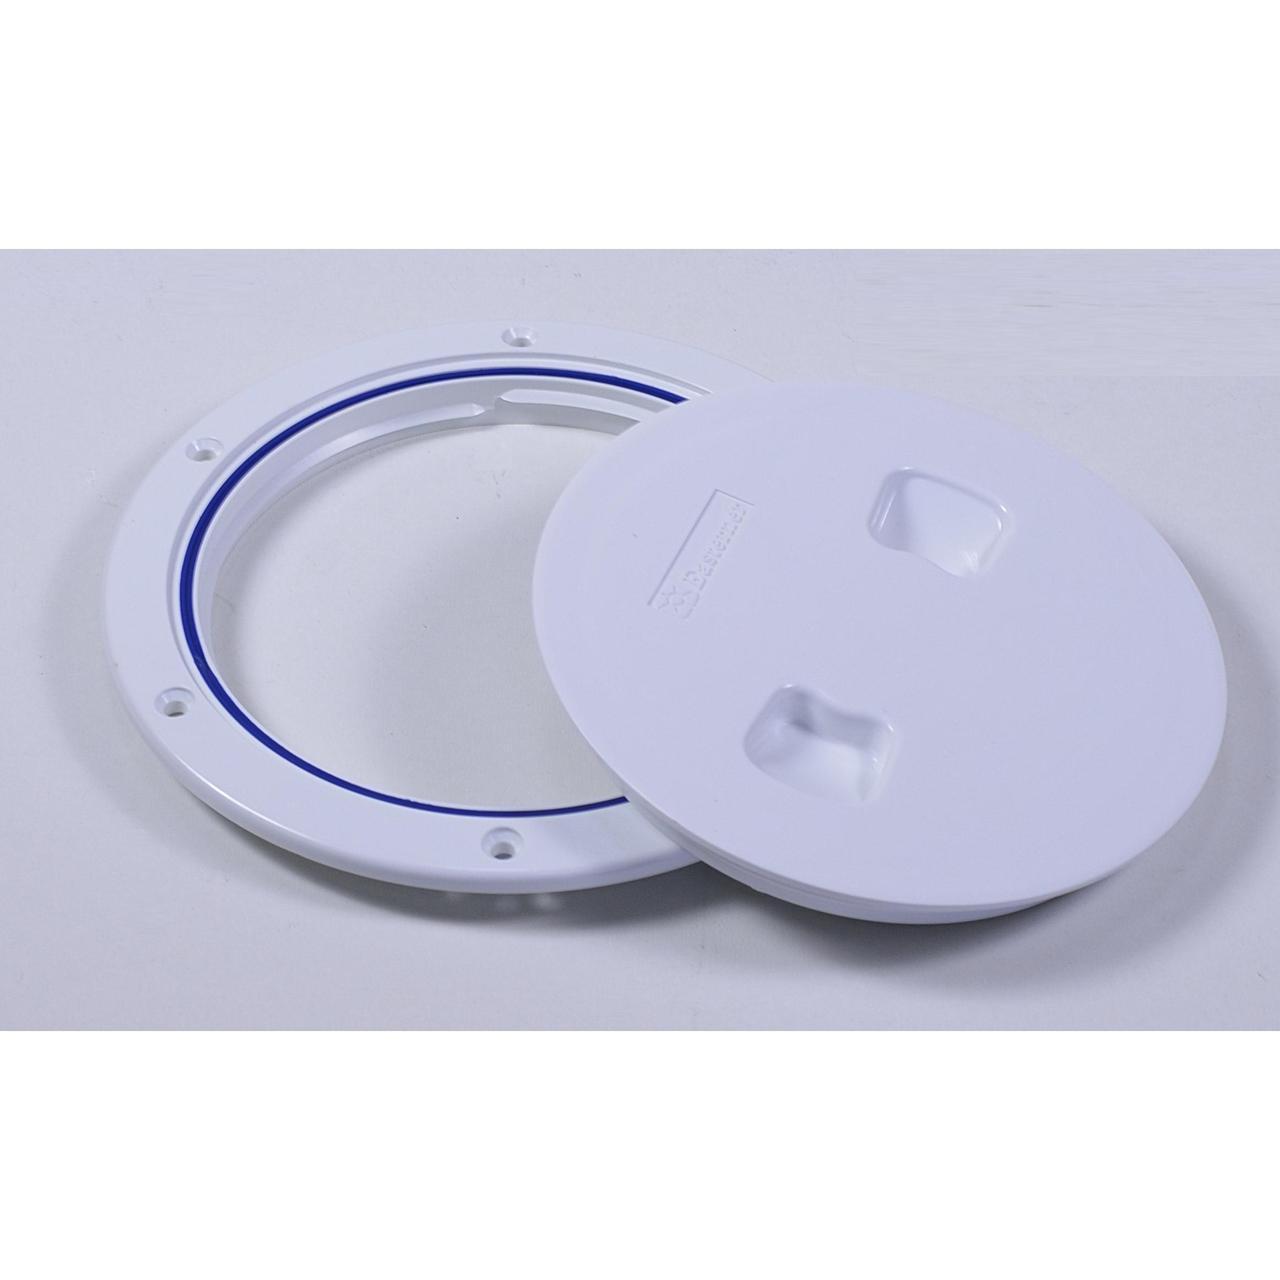 Инспекционный лючок диаметр 10см Esterner C13021W6